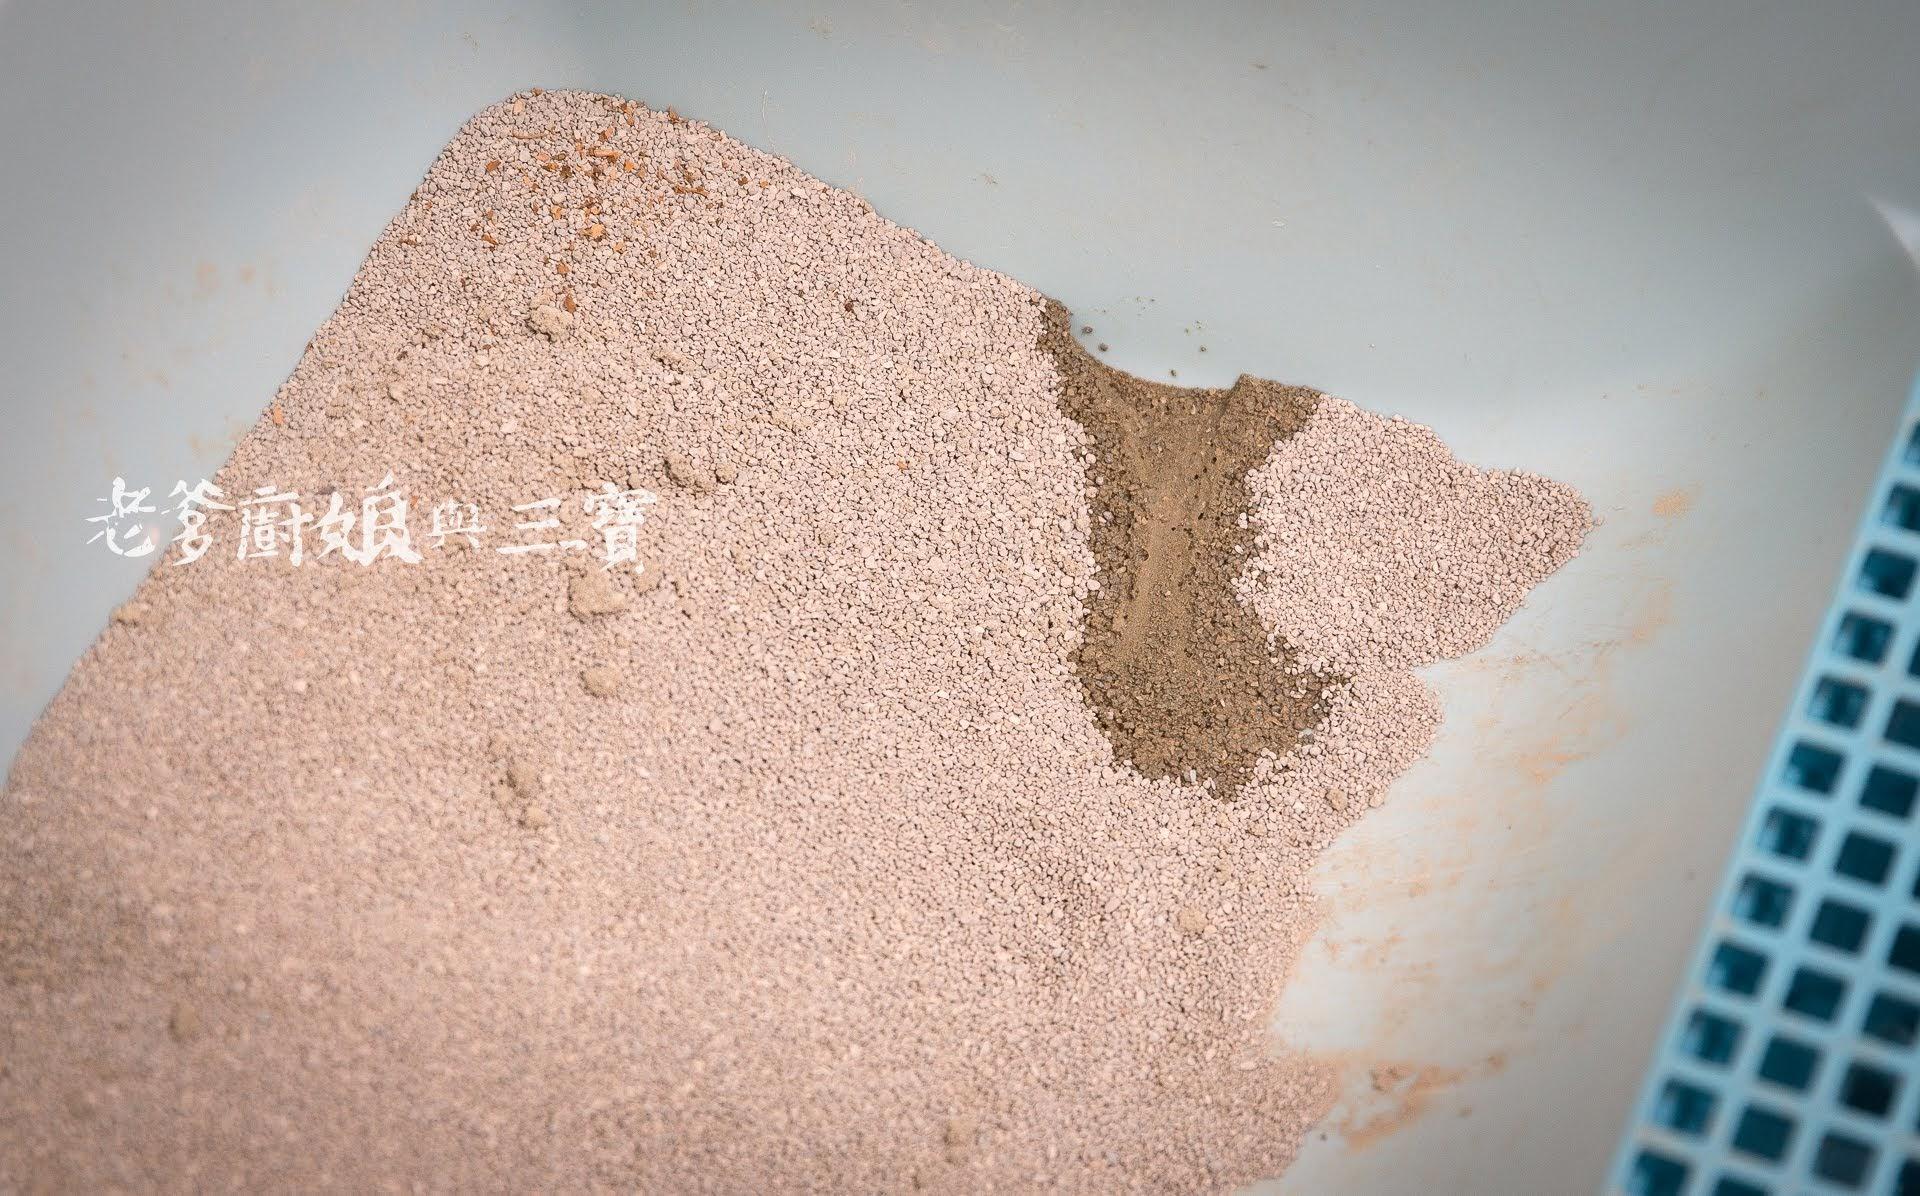 寵愛毛小孩,快用達伶寵物精品帶來的法國的頂級好貨,把礦砂替代吧!...法國昕陽GREELYS火山泥貓砂